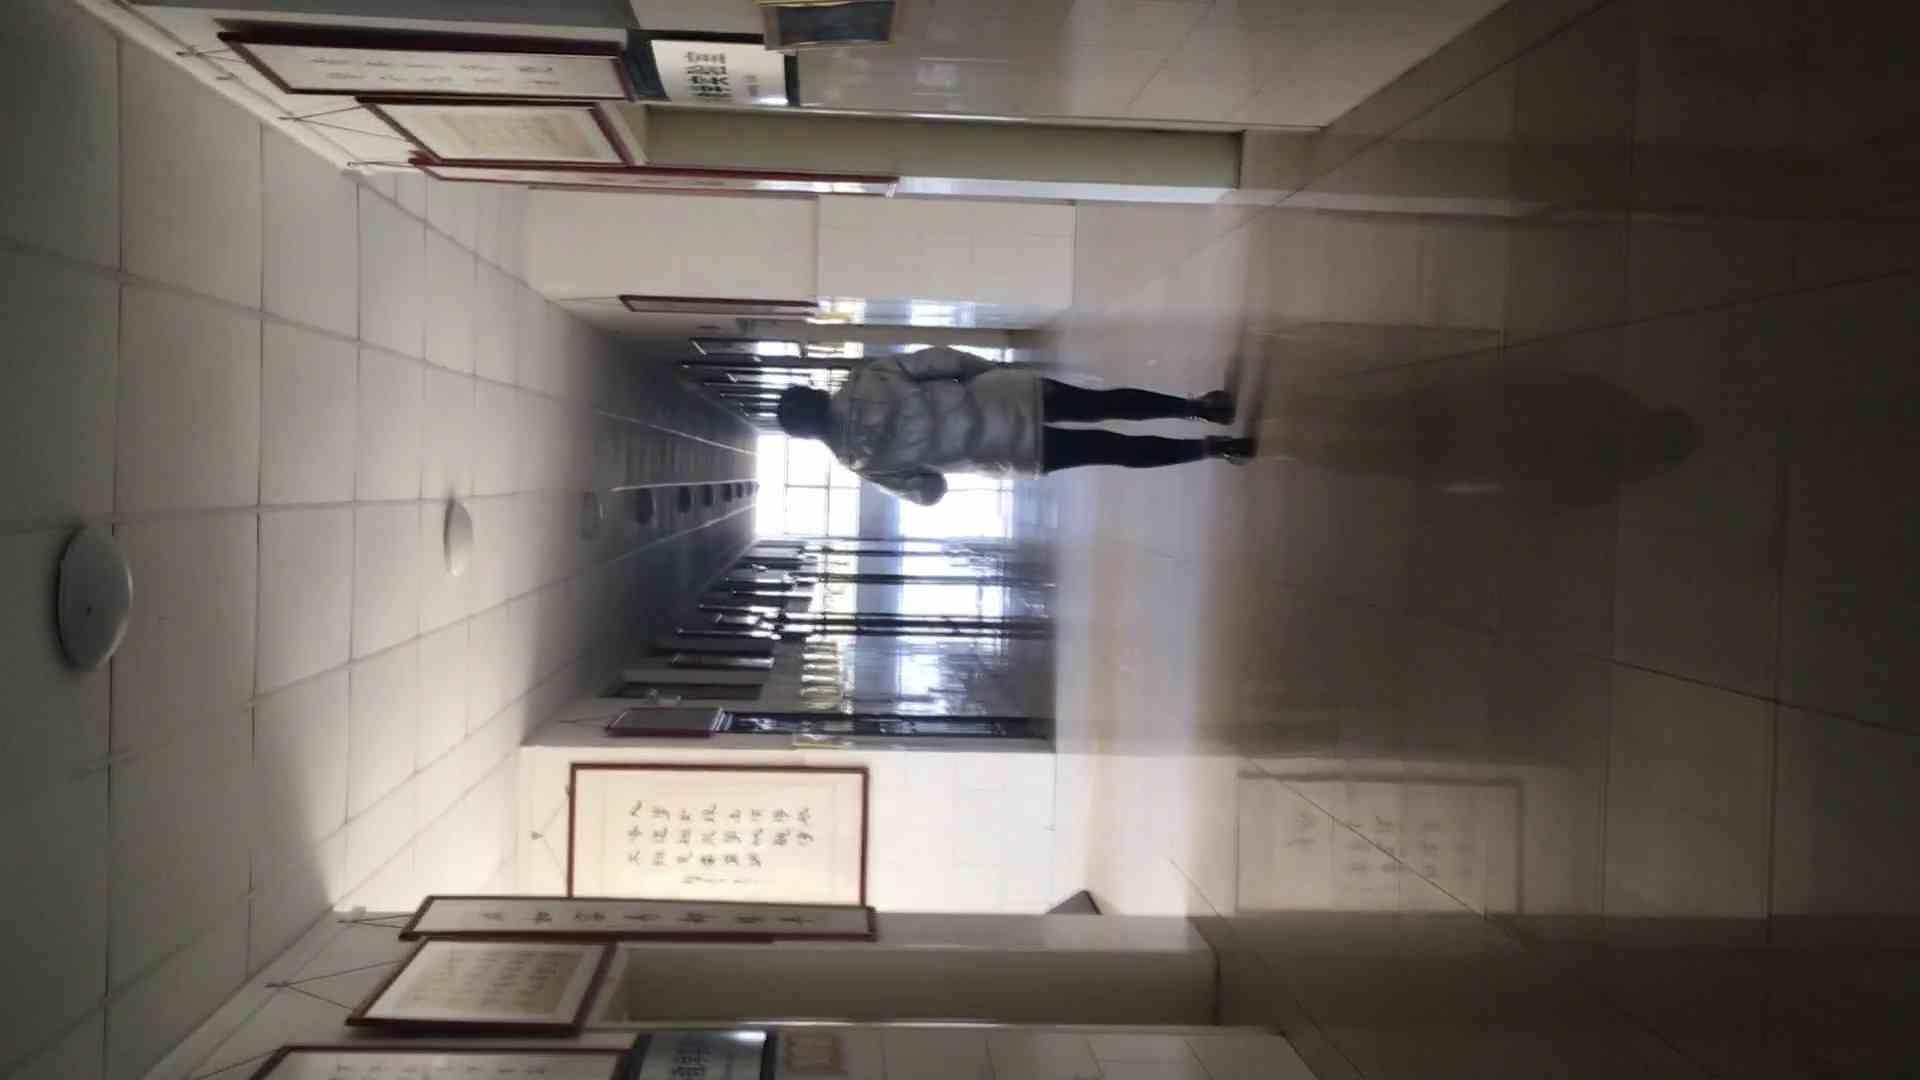 芸術大学ガチ潜入盗撮 JD盗撮 美女の洗面所の秘密 Vol.82 OLのボディ AV動画キャプチャ 83PIX 15